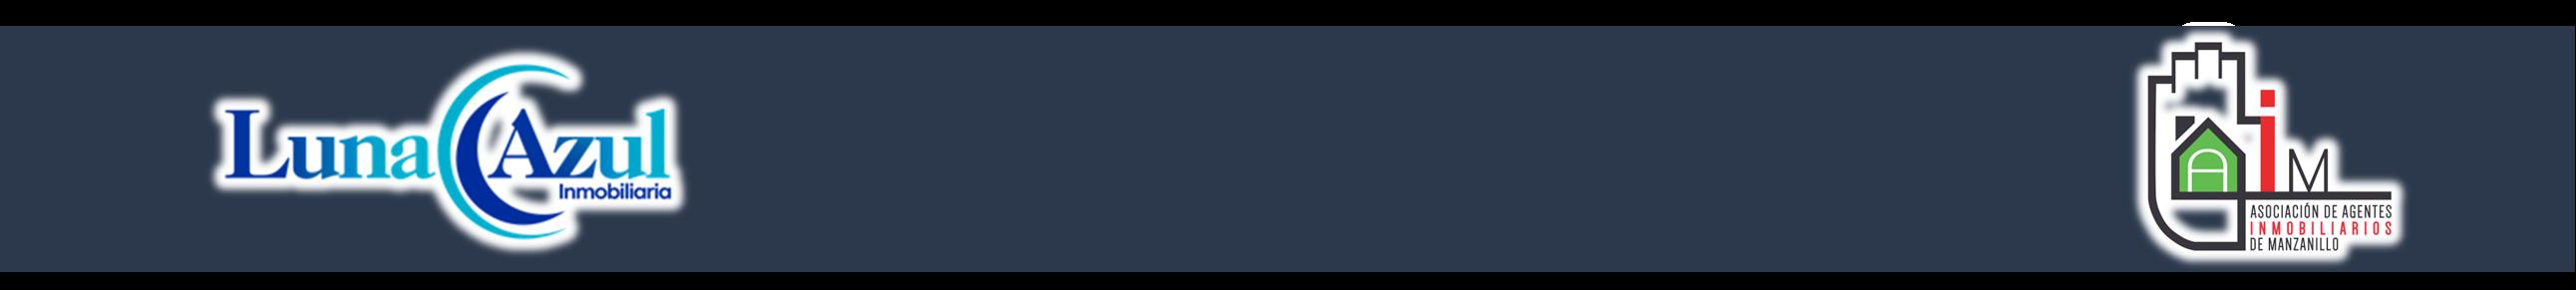 Grupo Luna Azul